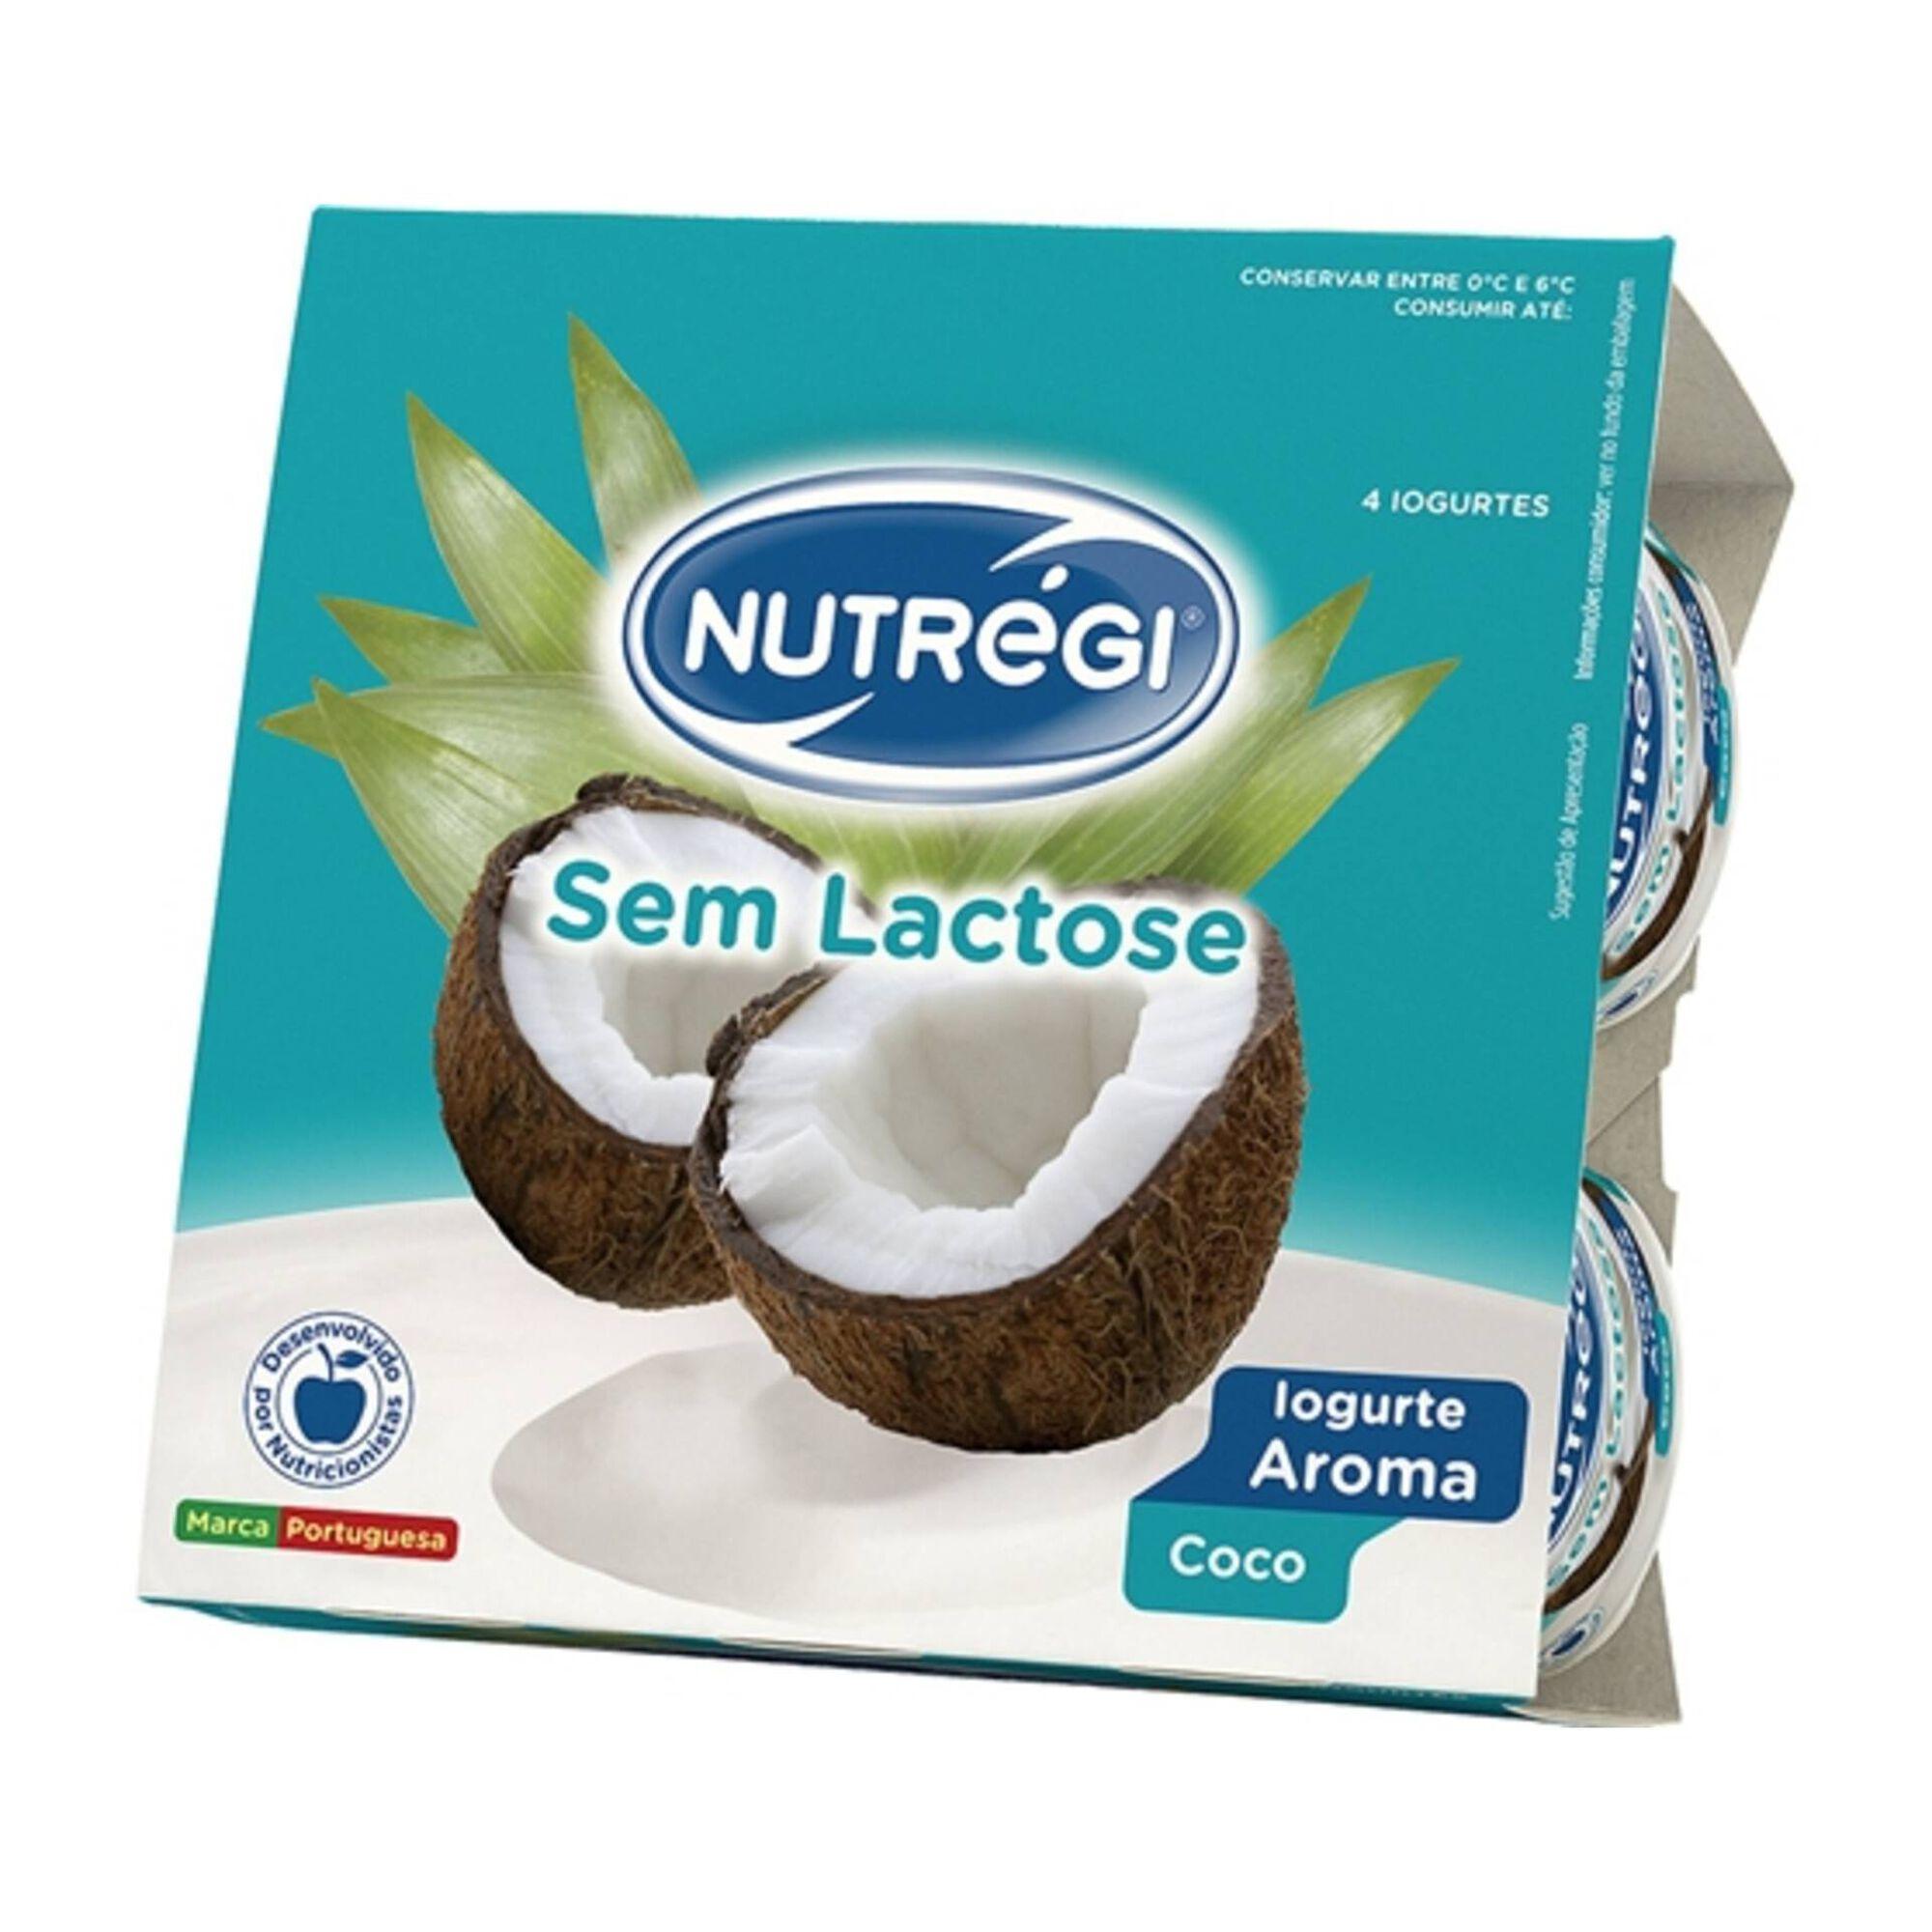 Iogurte Aroma Coco sem Lactose